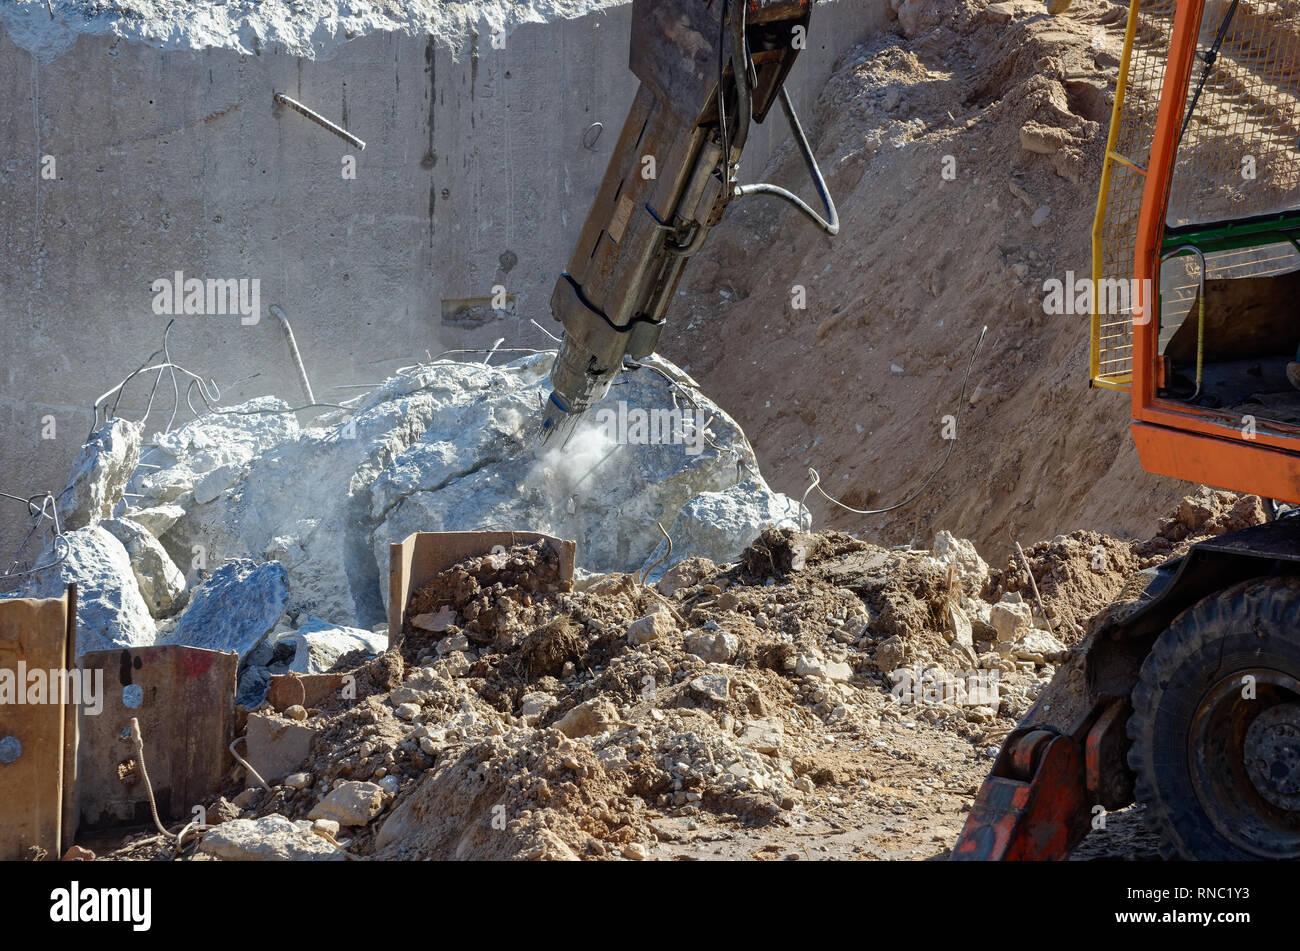 Heavy Duty Demolition Equipment Stock Photos & Heavy Duty